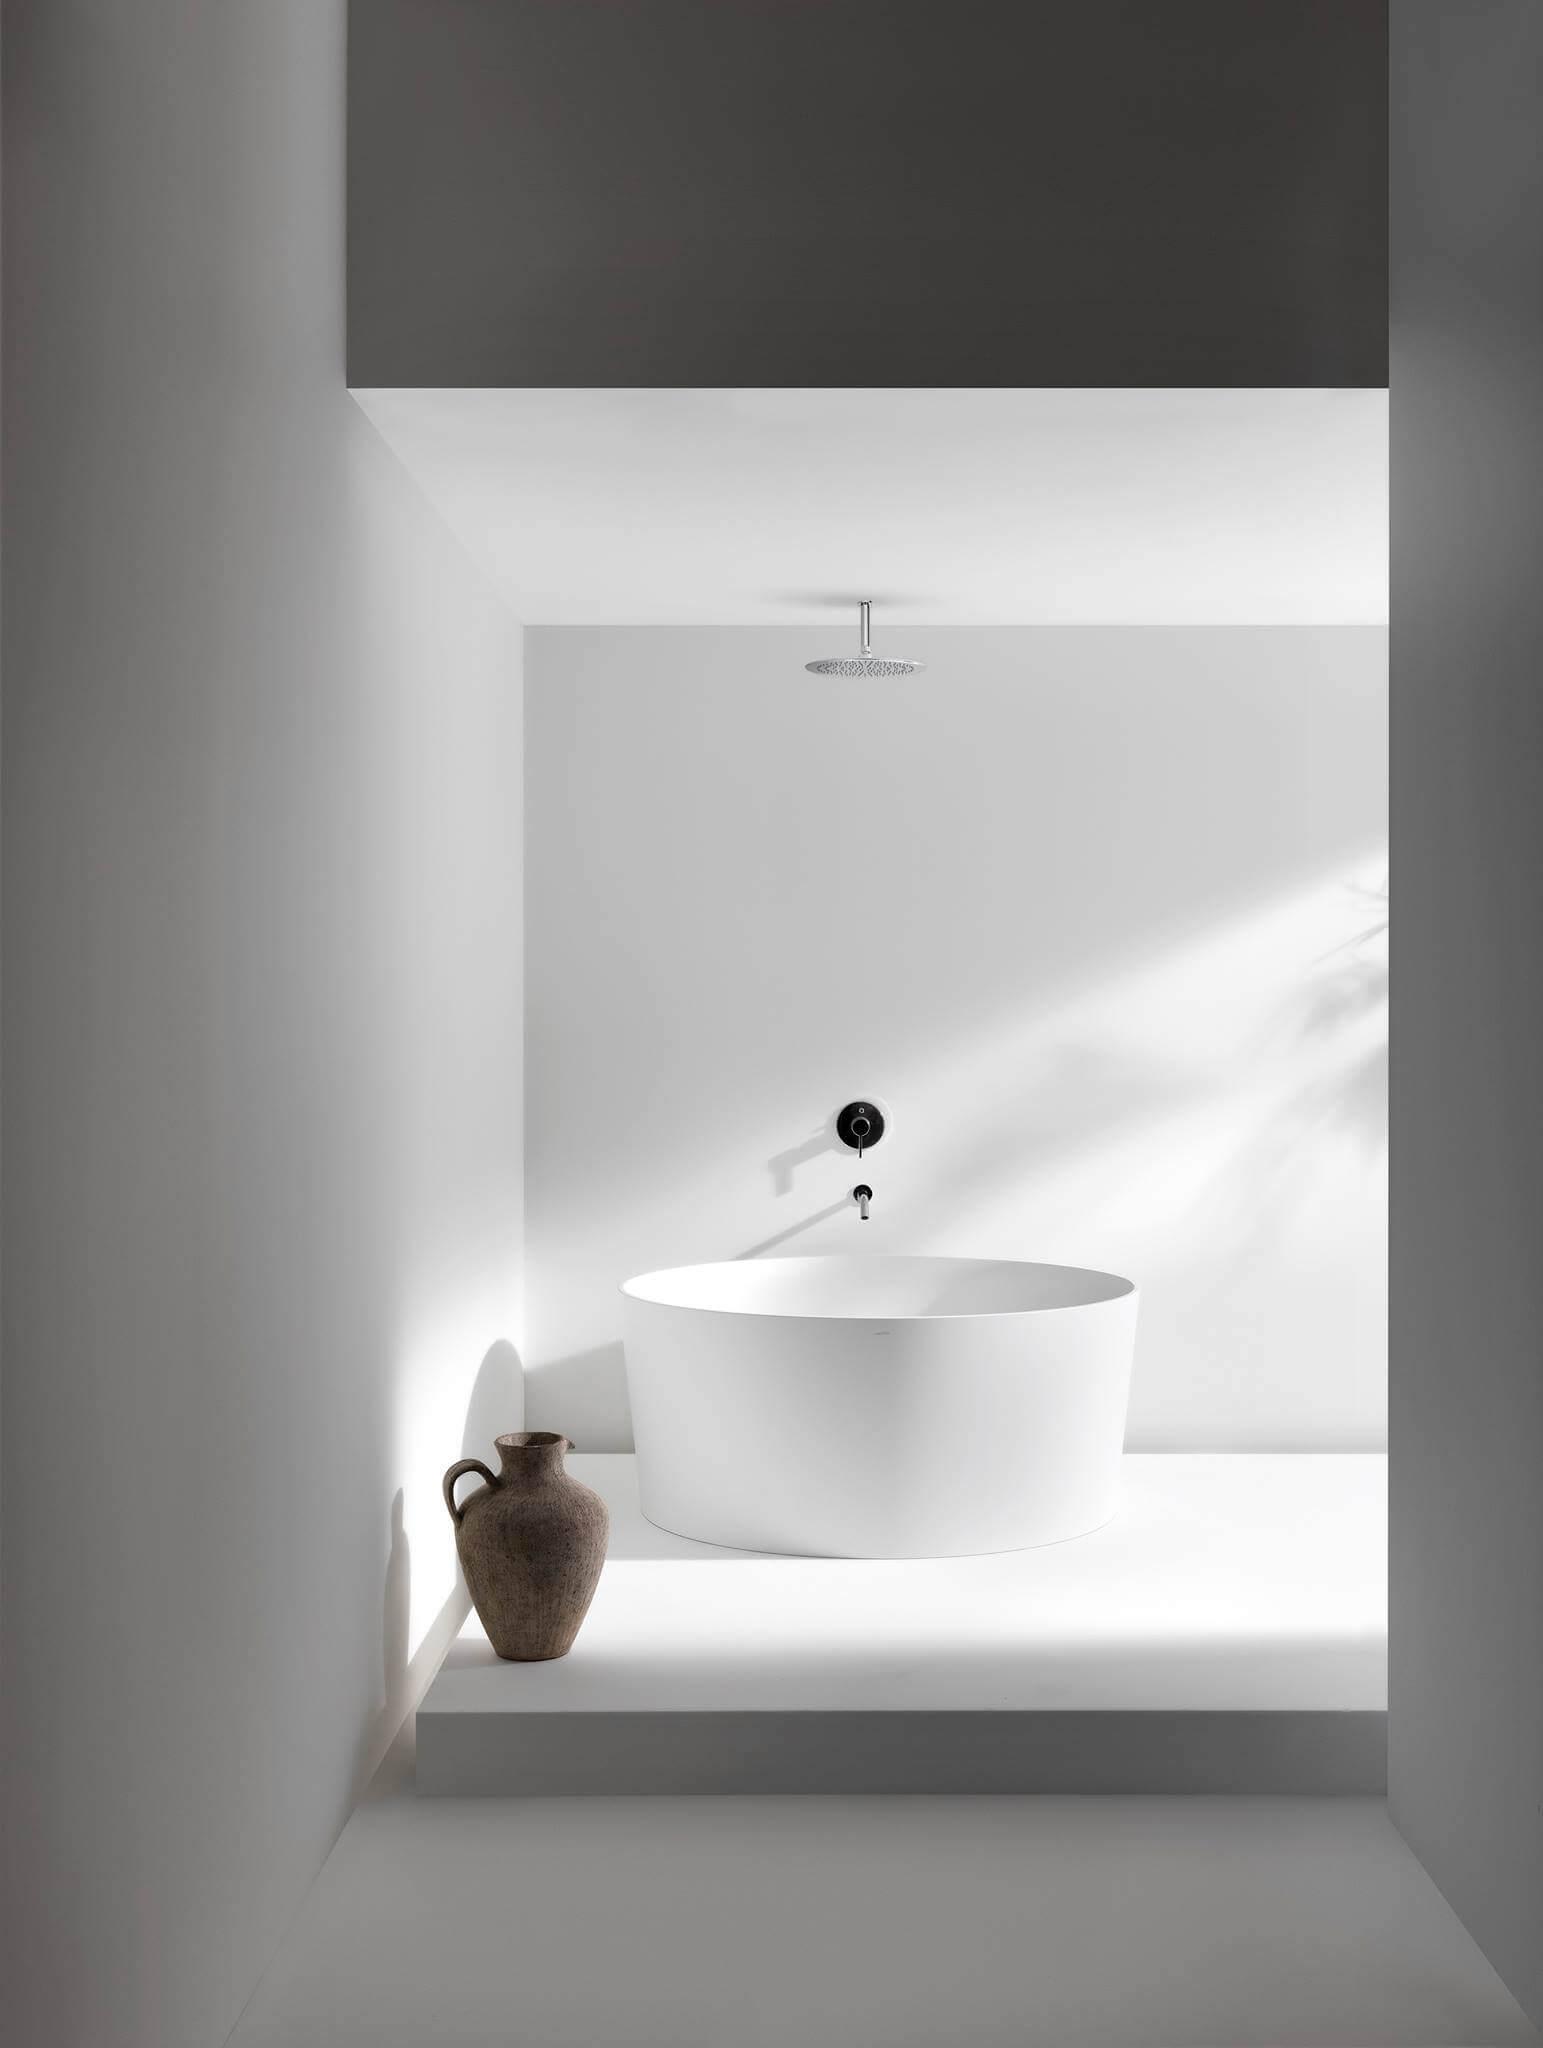 Ein echter Blickfang im Val Bad ist die freistehende, kreisrunde Badewanne mit 130 cm Durchmesser. Bildzeilen Fotonachweis: Laufen www.laufen.com